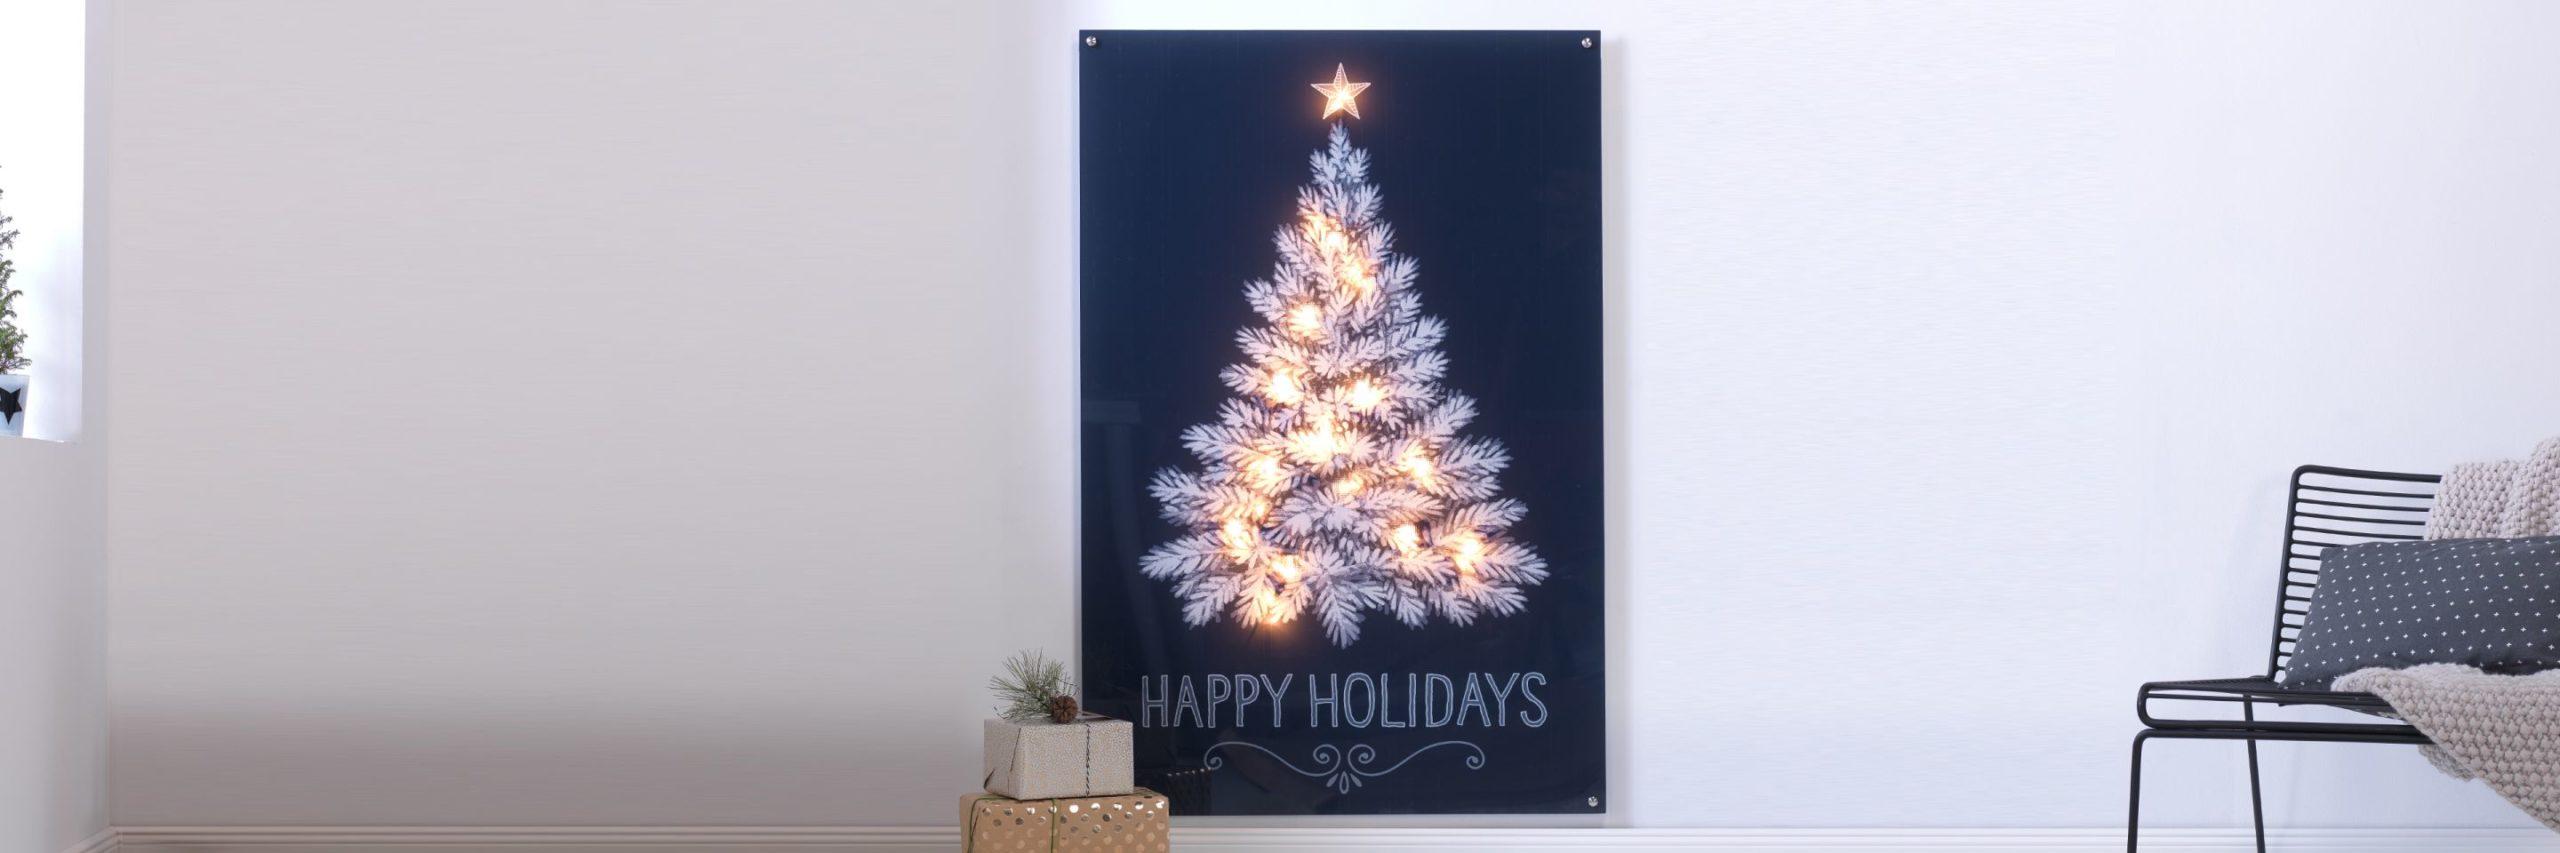 CEWE FOTOOBRAZ se světelným efektem na Vánoce